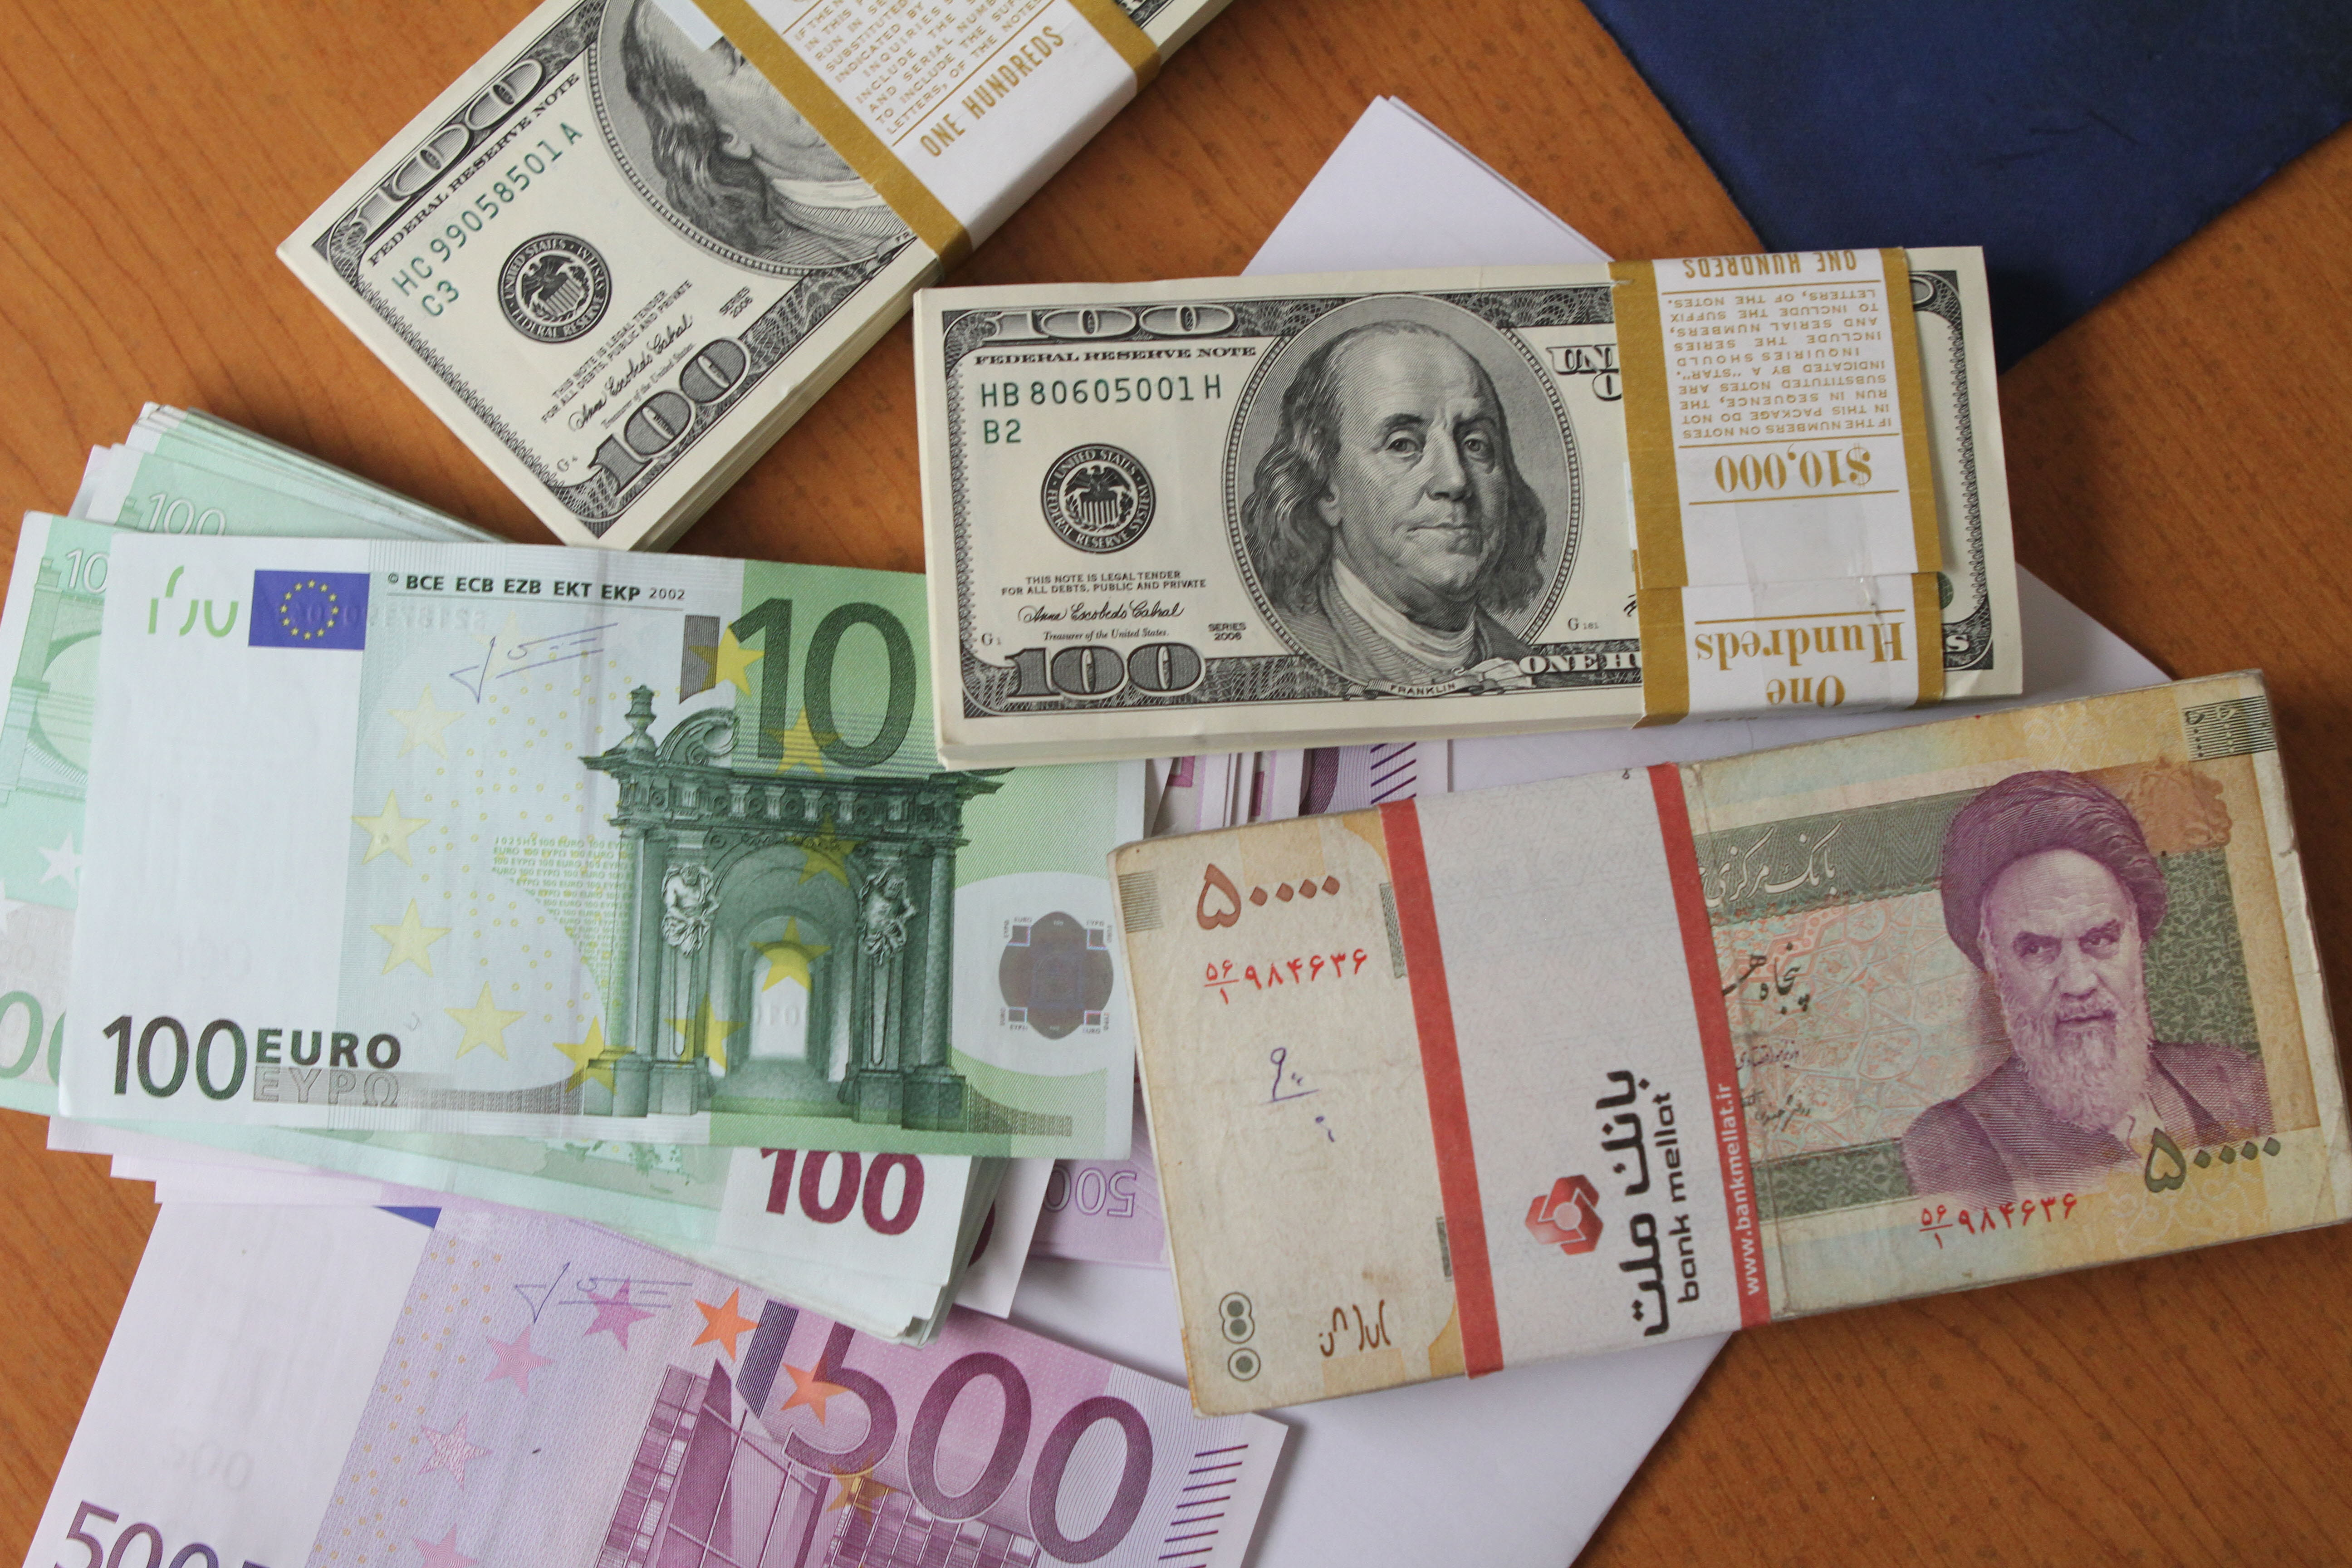 تراجعت العملة الايرانية خلال الاونة الاخيرة